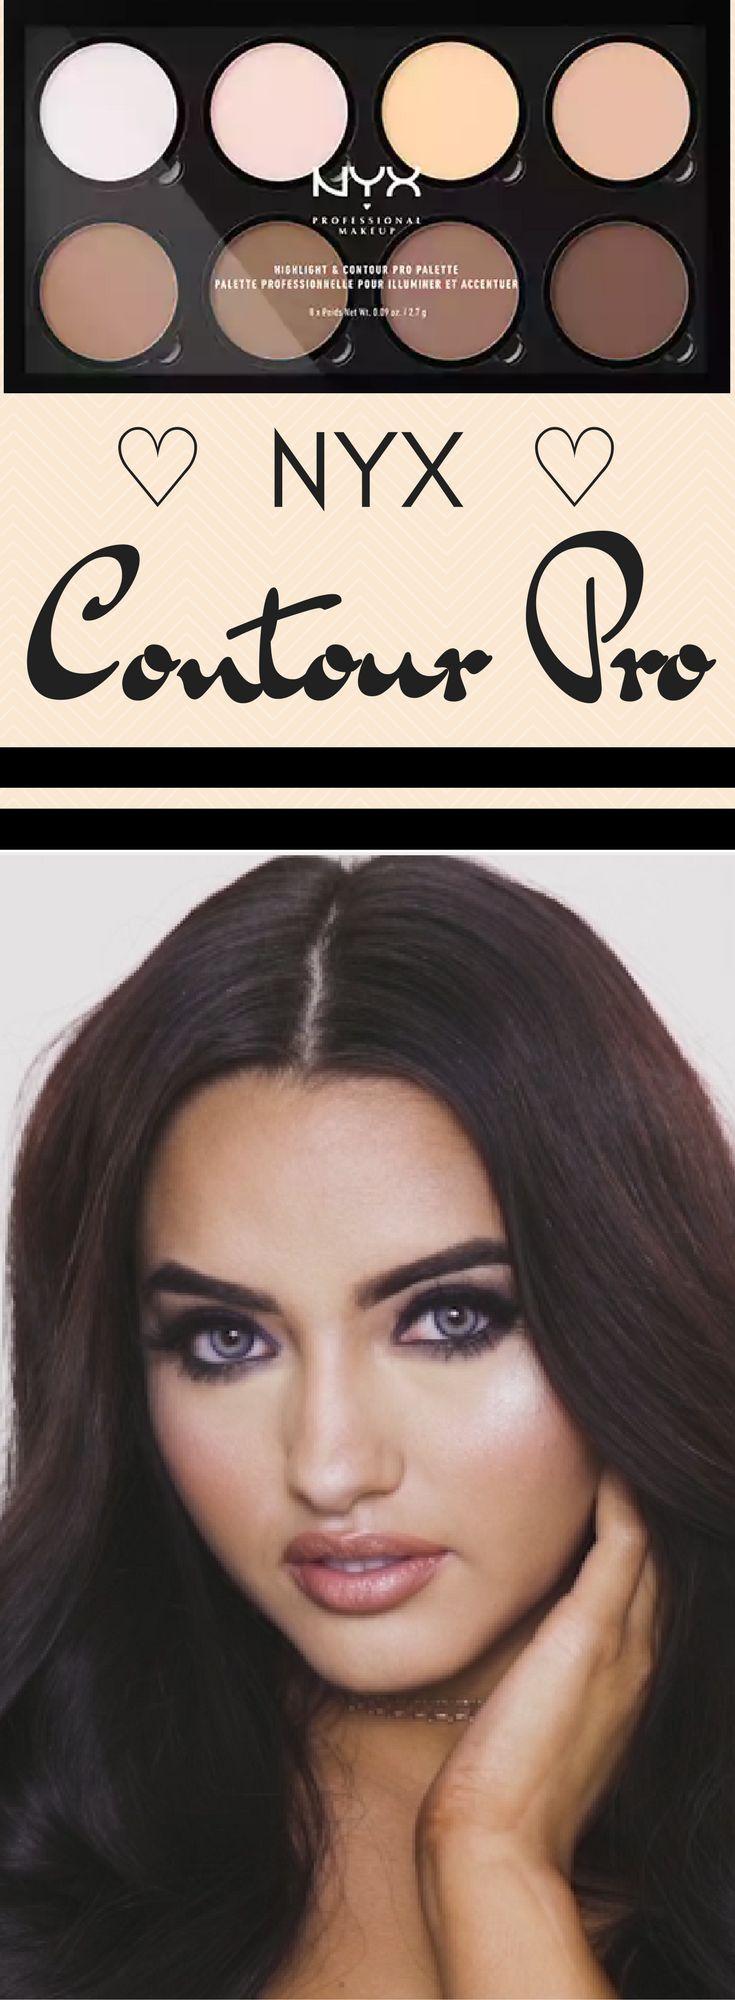 contour palette best, contour makeup for beginners, best contouring product, NYX contour palette #afflink